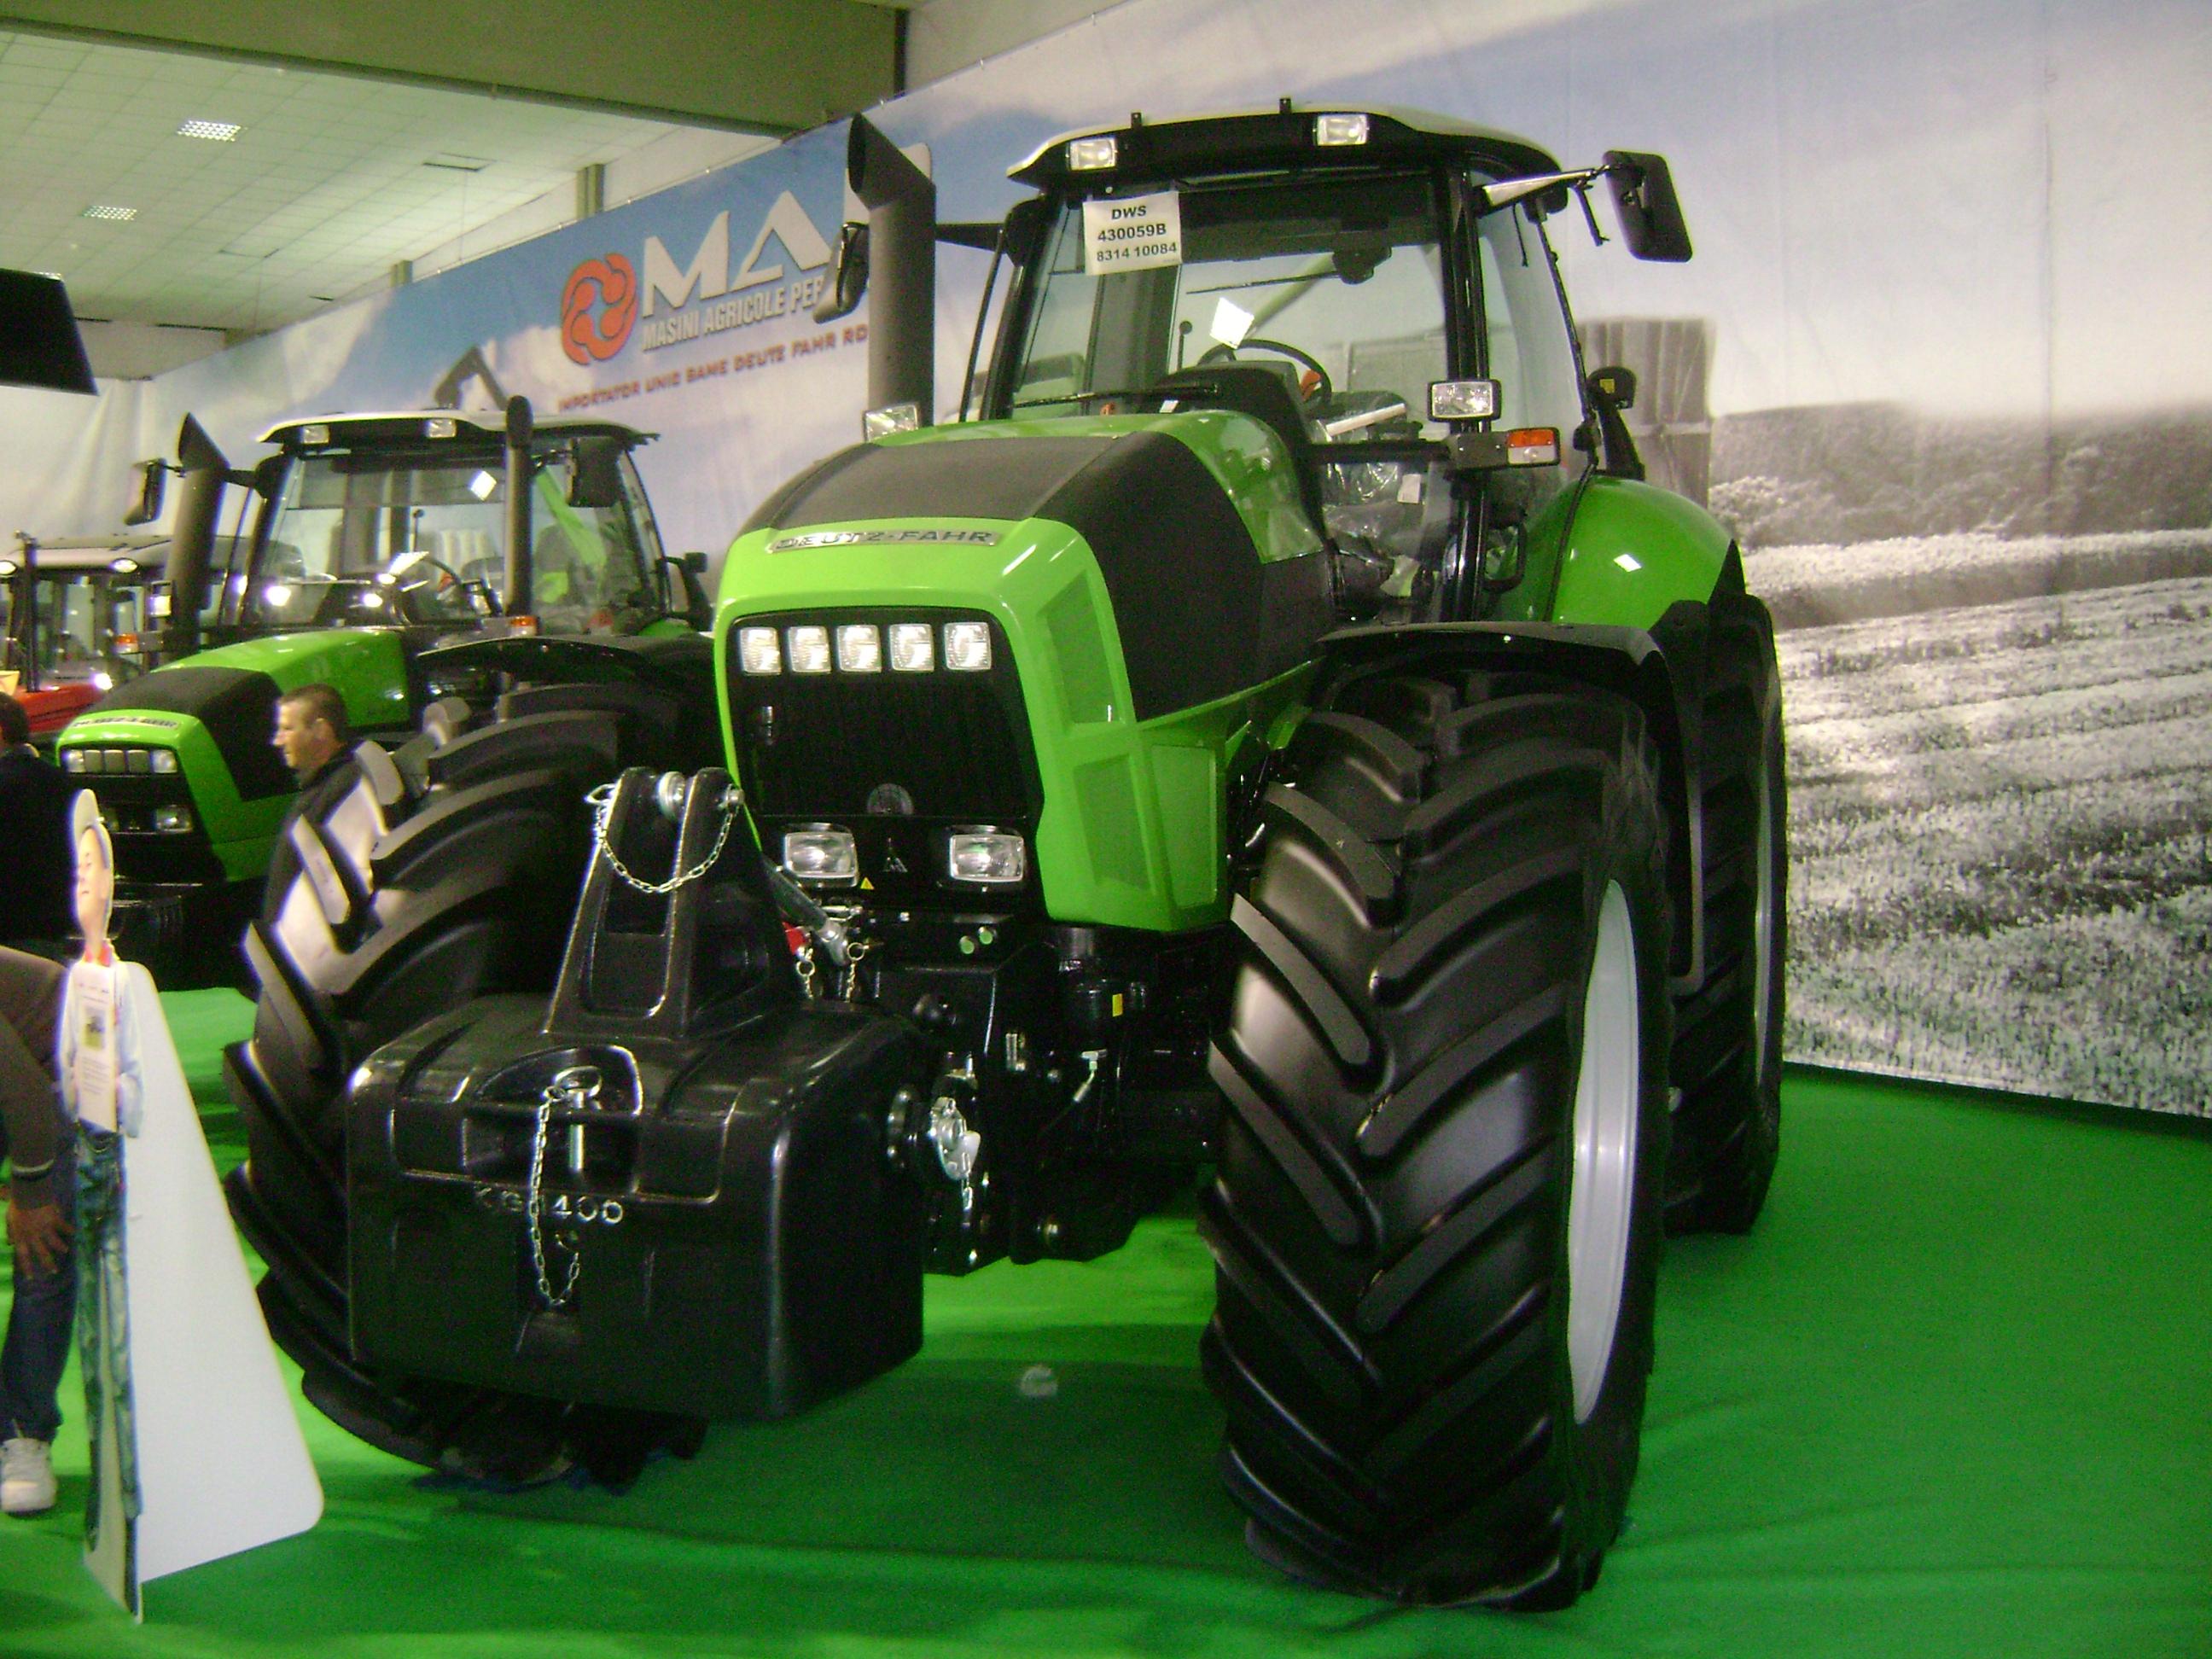 deutz farm tractors